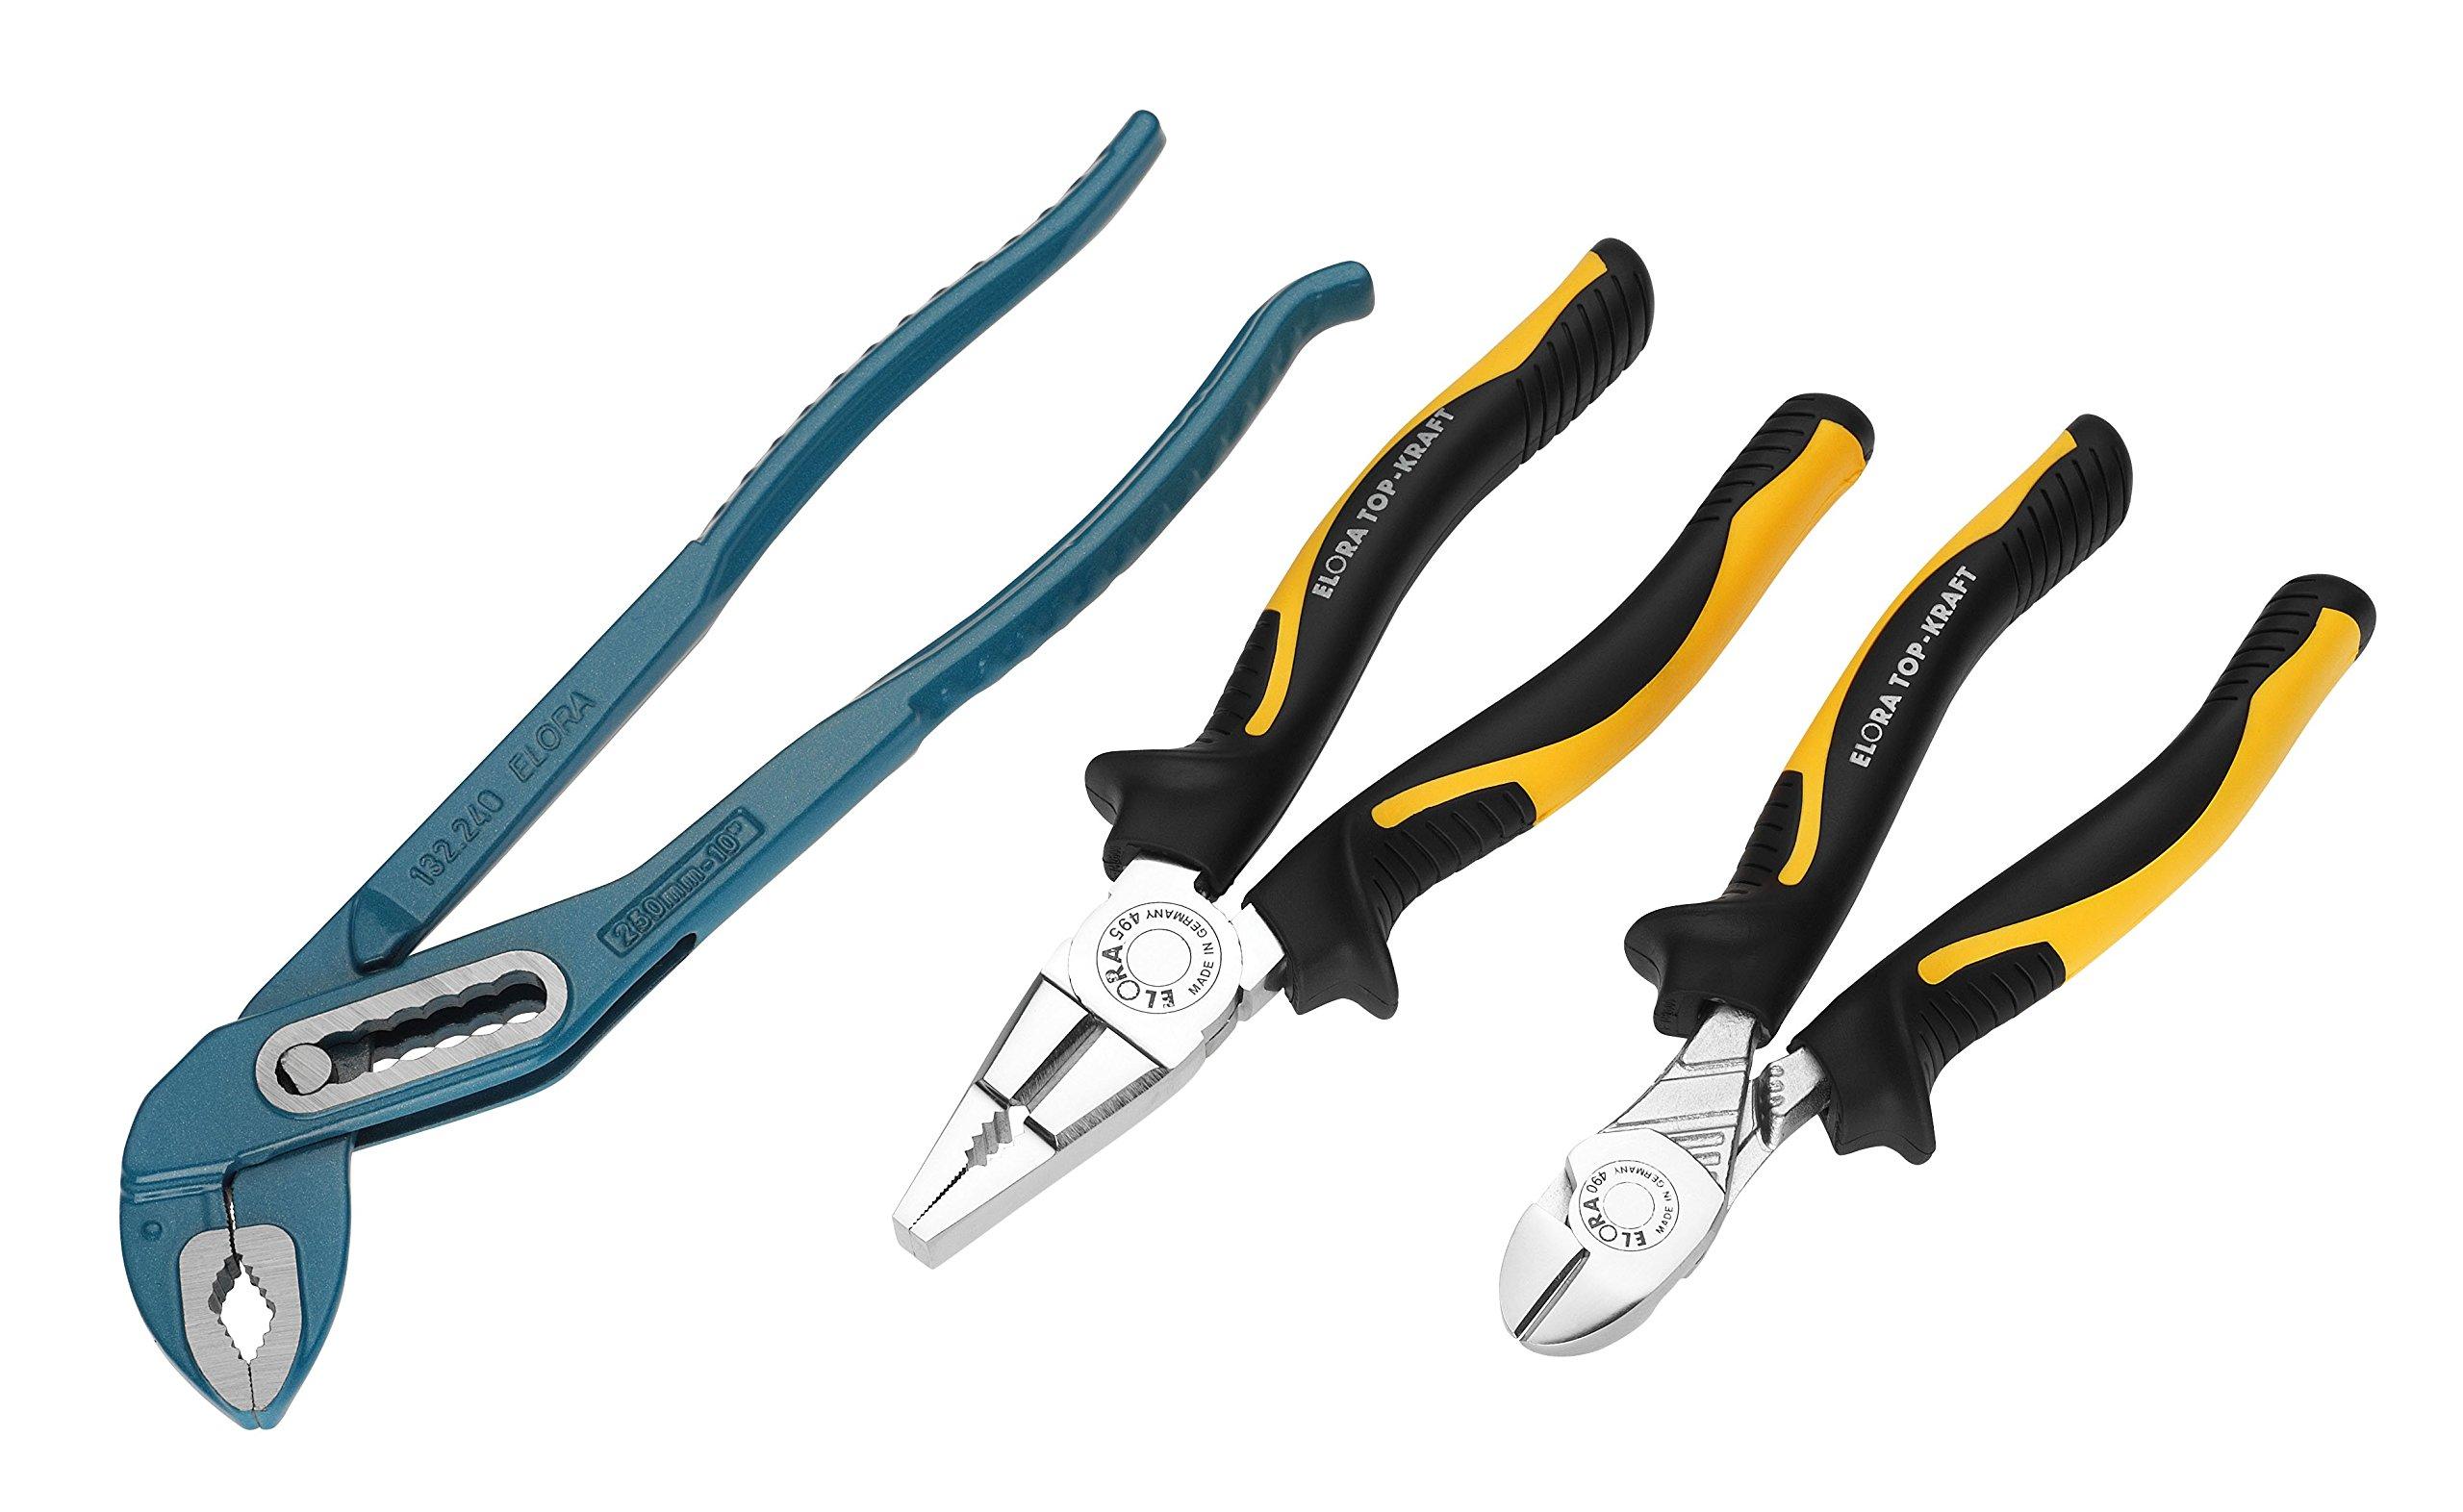 Elora 404500311000 chrome-plated/polished Mechanic's pliers set (3 piece)